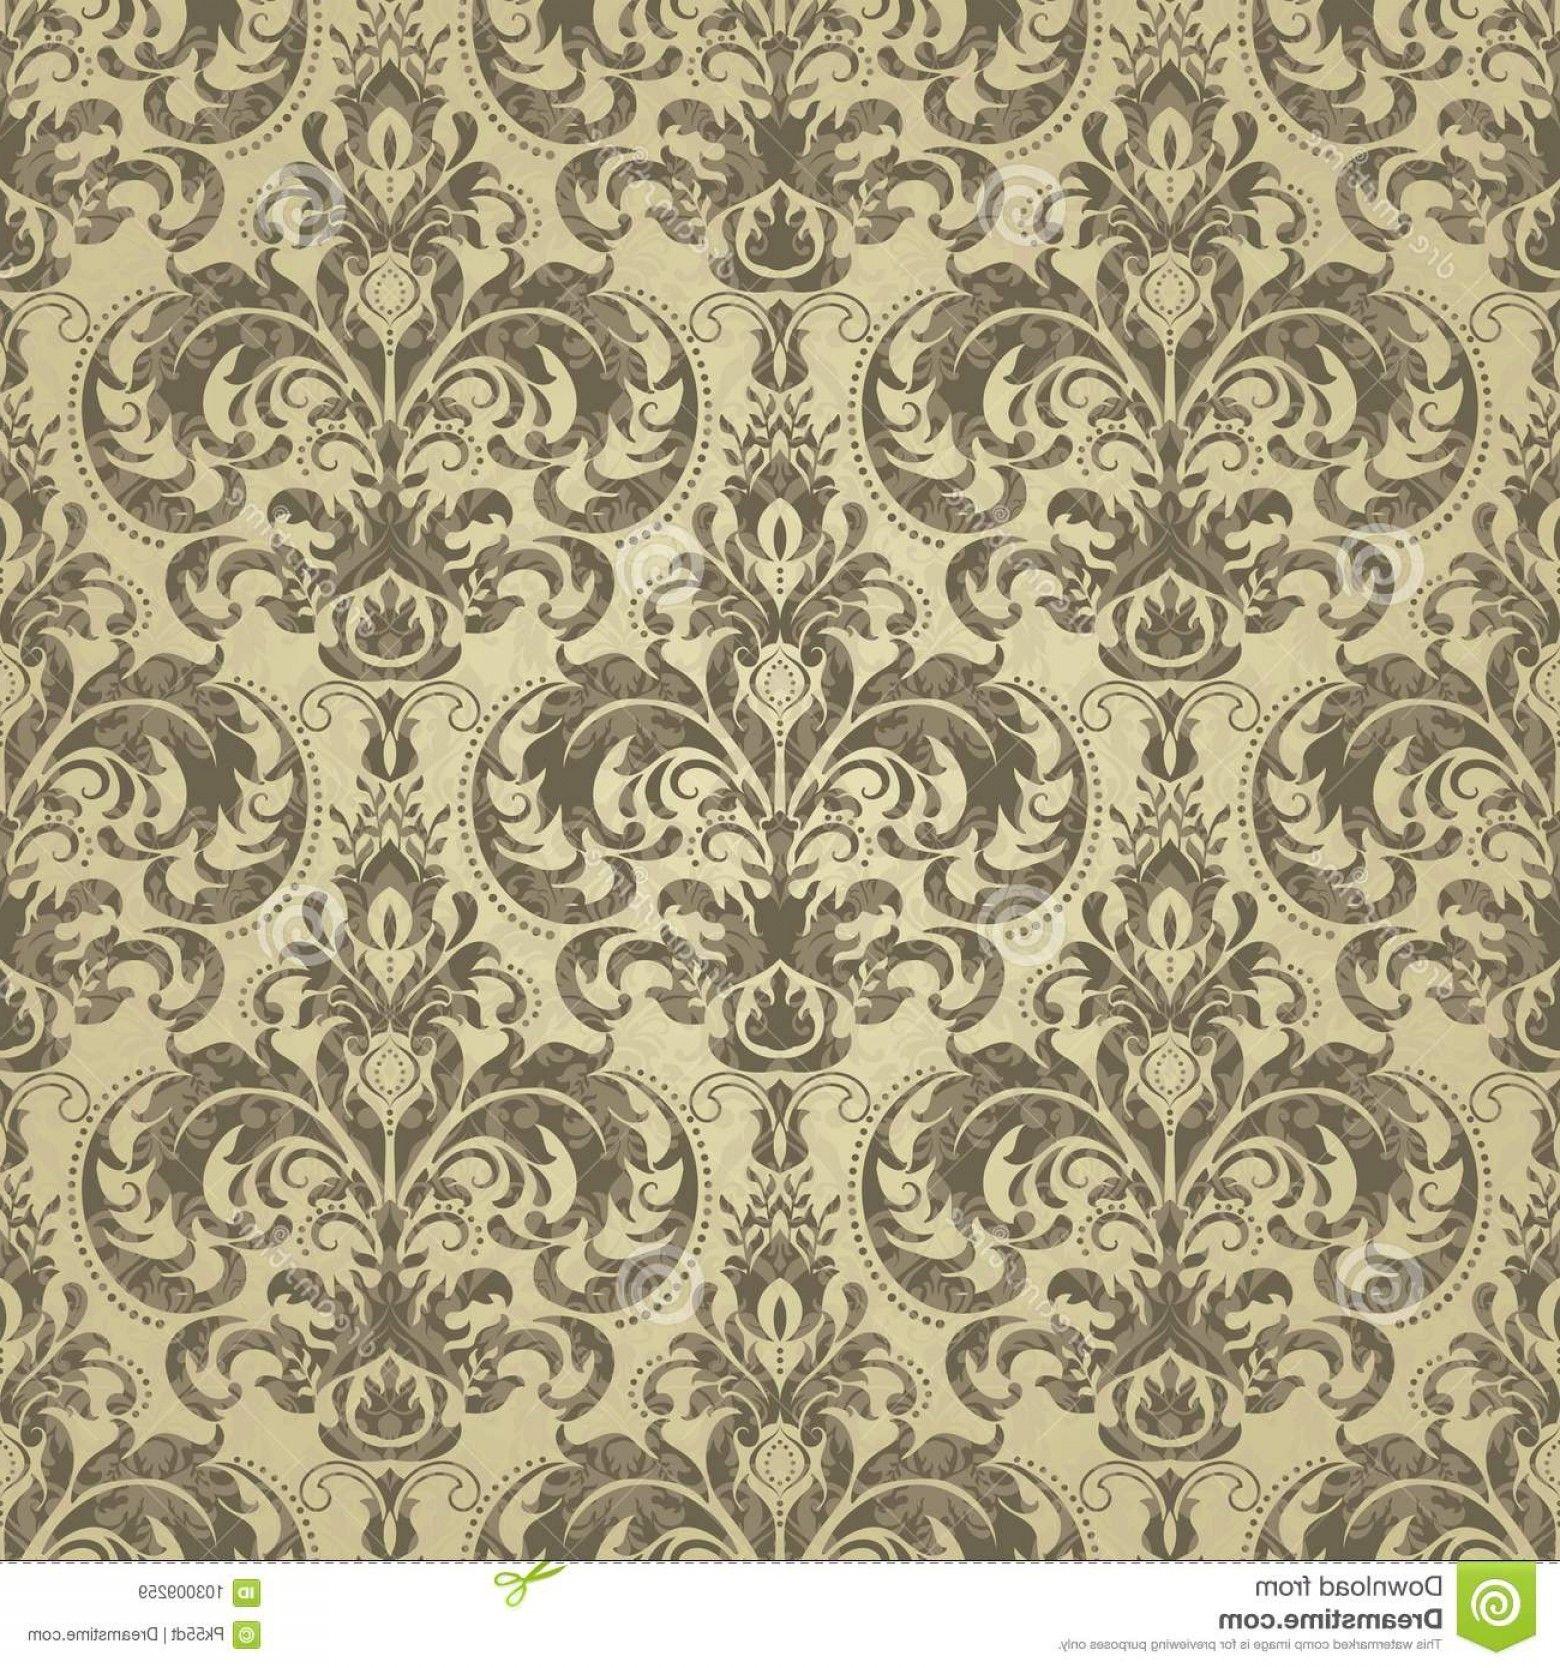 Distressed Damask Vintage Vector Floral Pattern Wallpaper Baroque Damask Gold Color Floral Patter Floral Pattern Wallpaper Pattern Wallpaper Vector Background